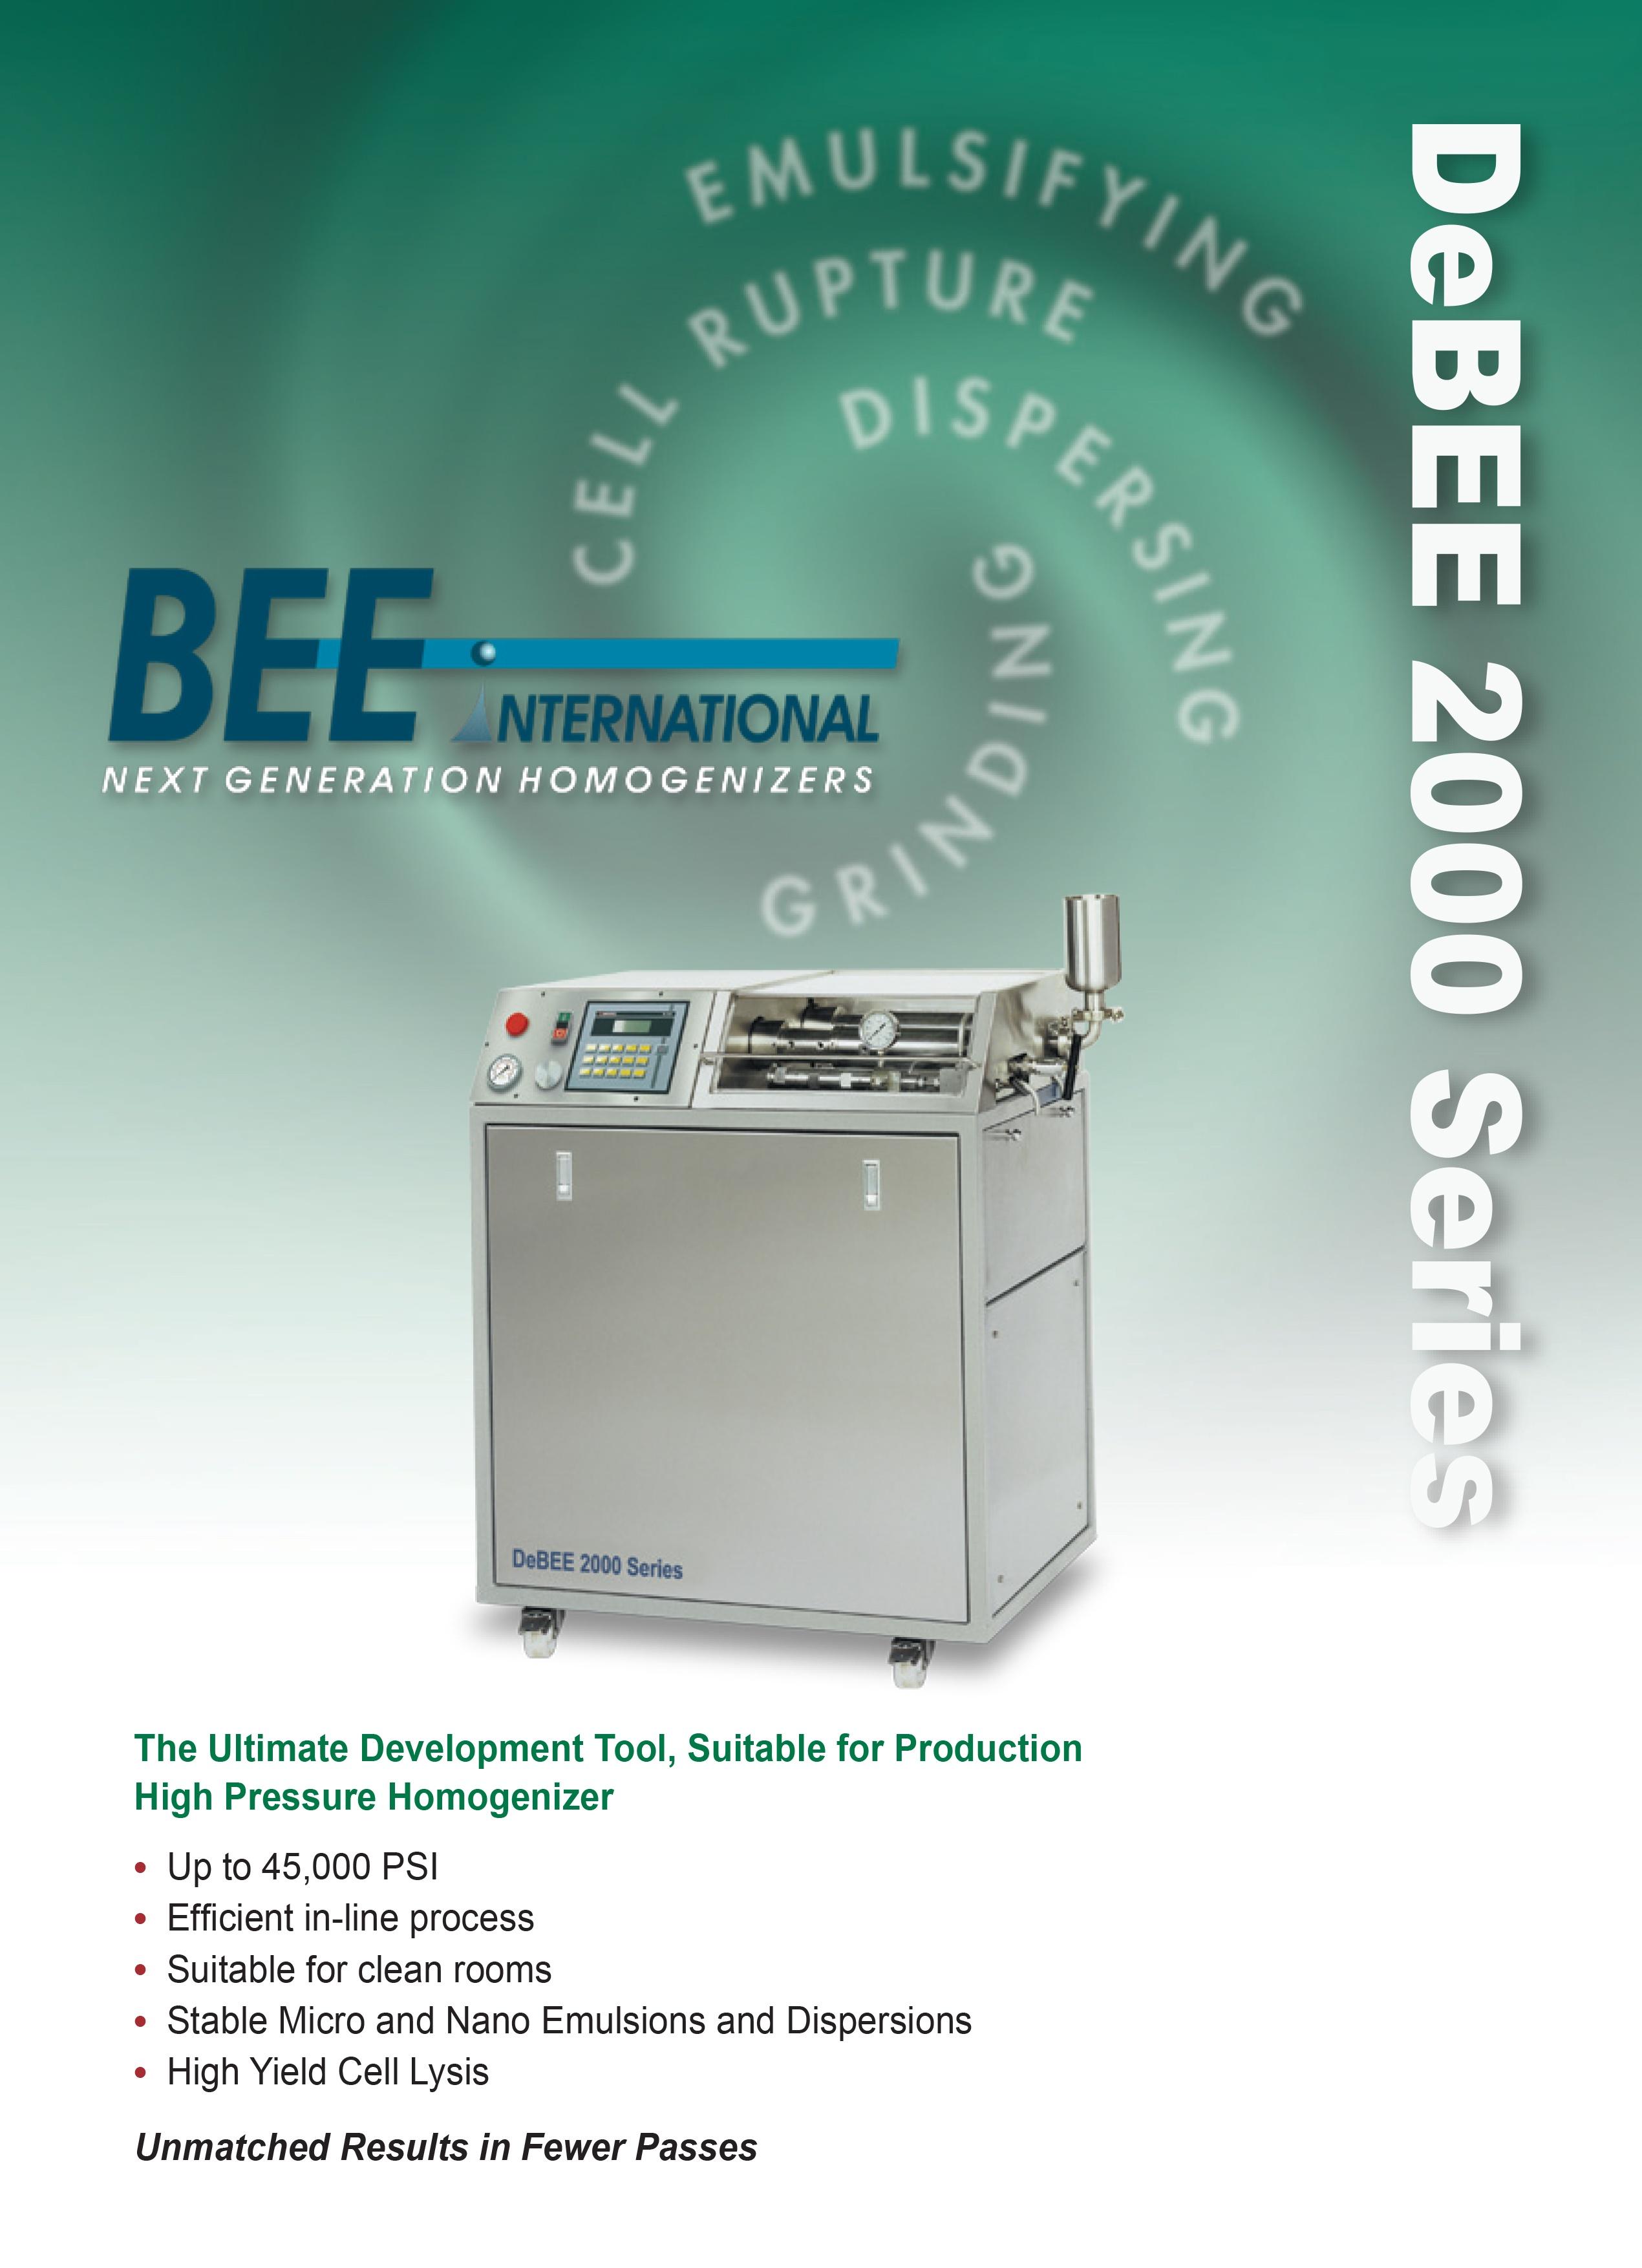 DeBee 2000-Cover.jpg